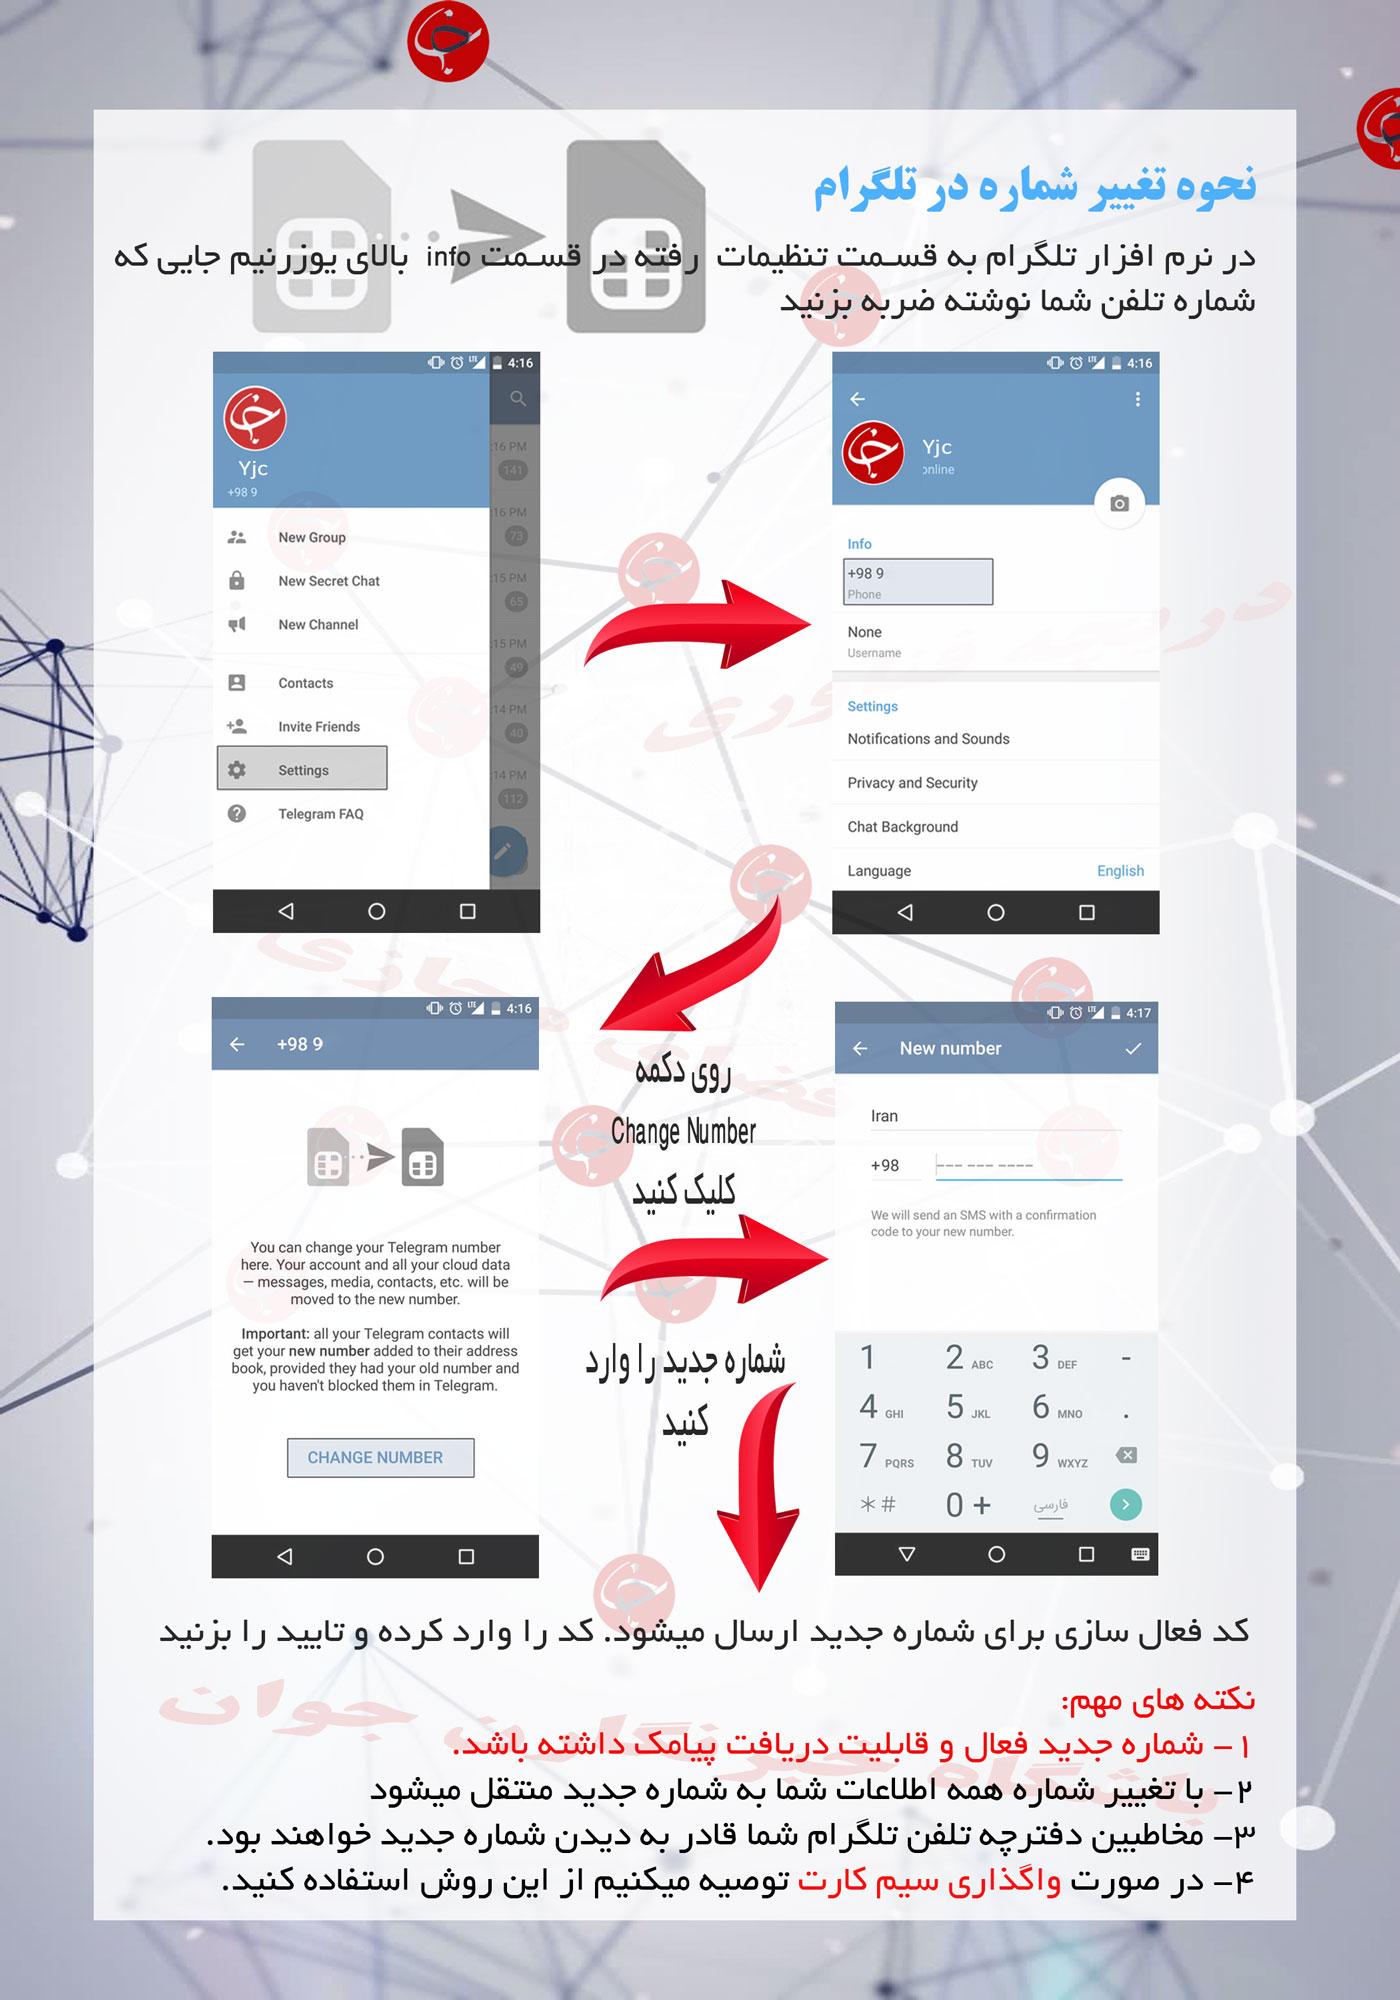 آموزش تغییر شماره در تلگرام +اینفوگرافی